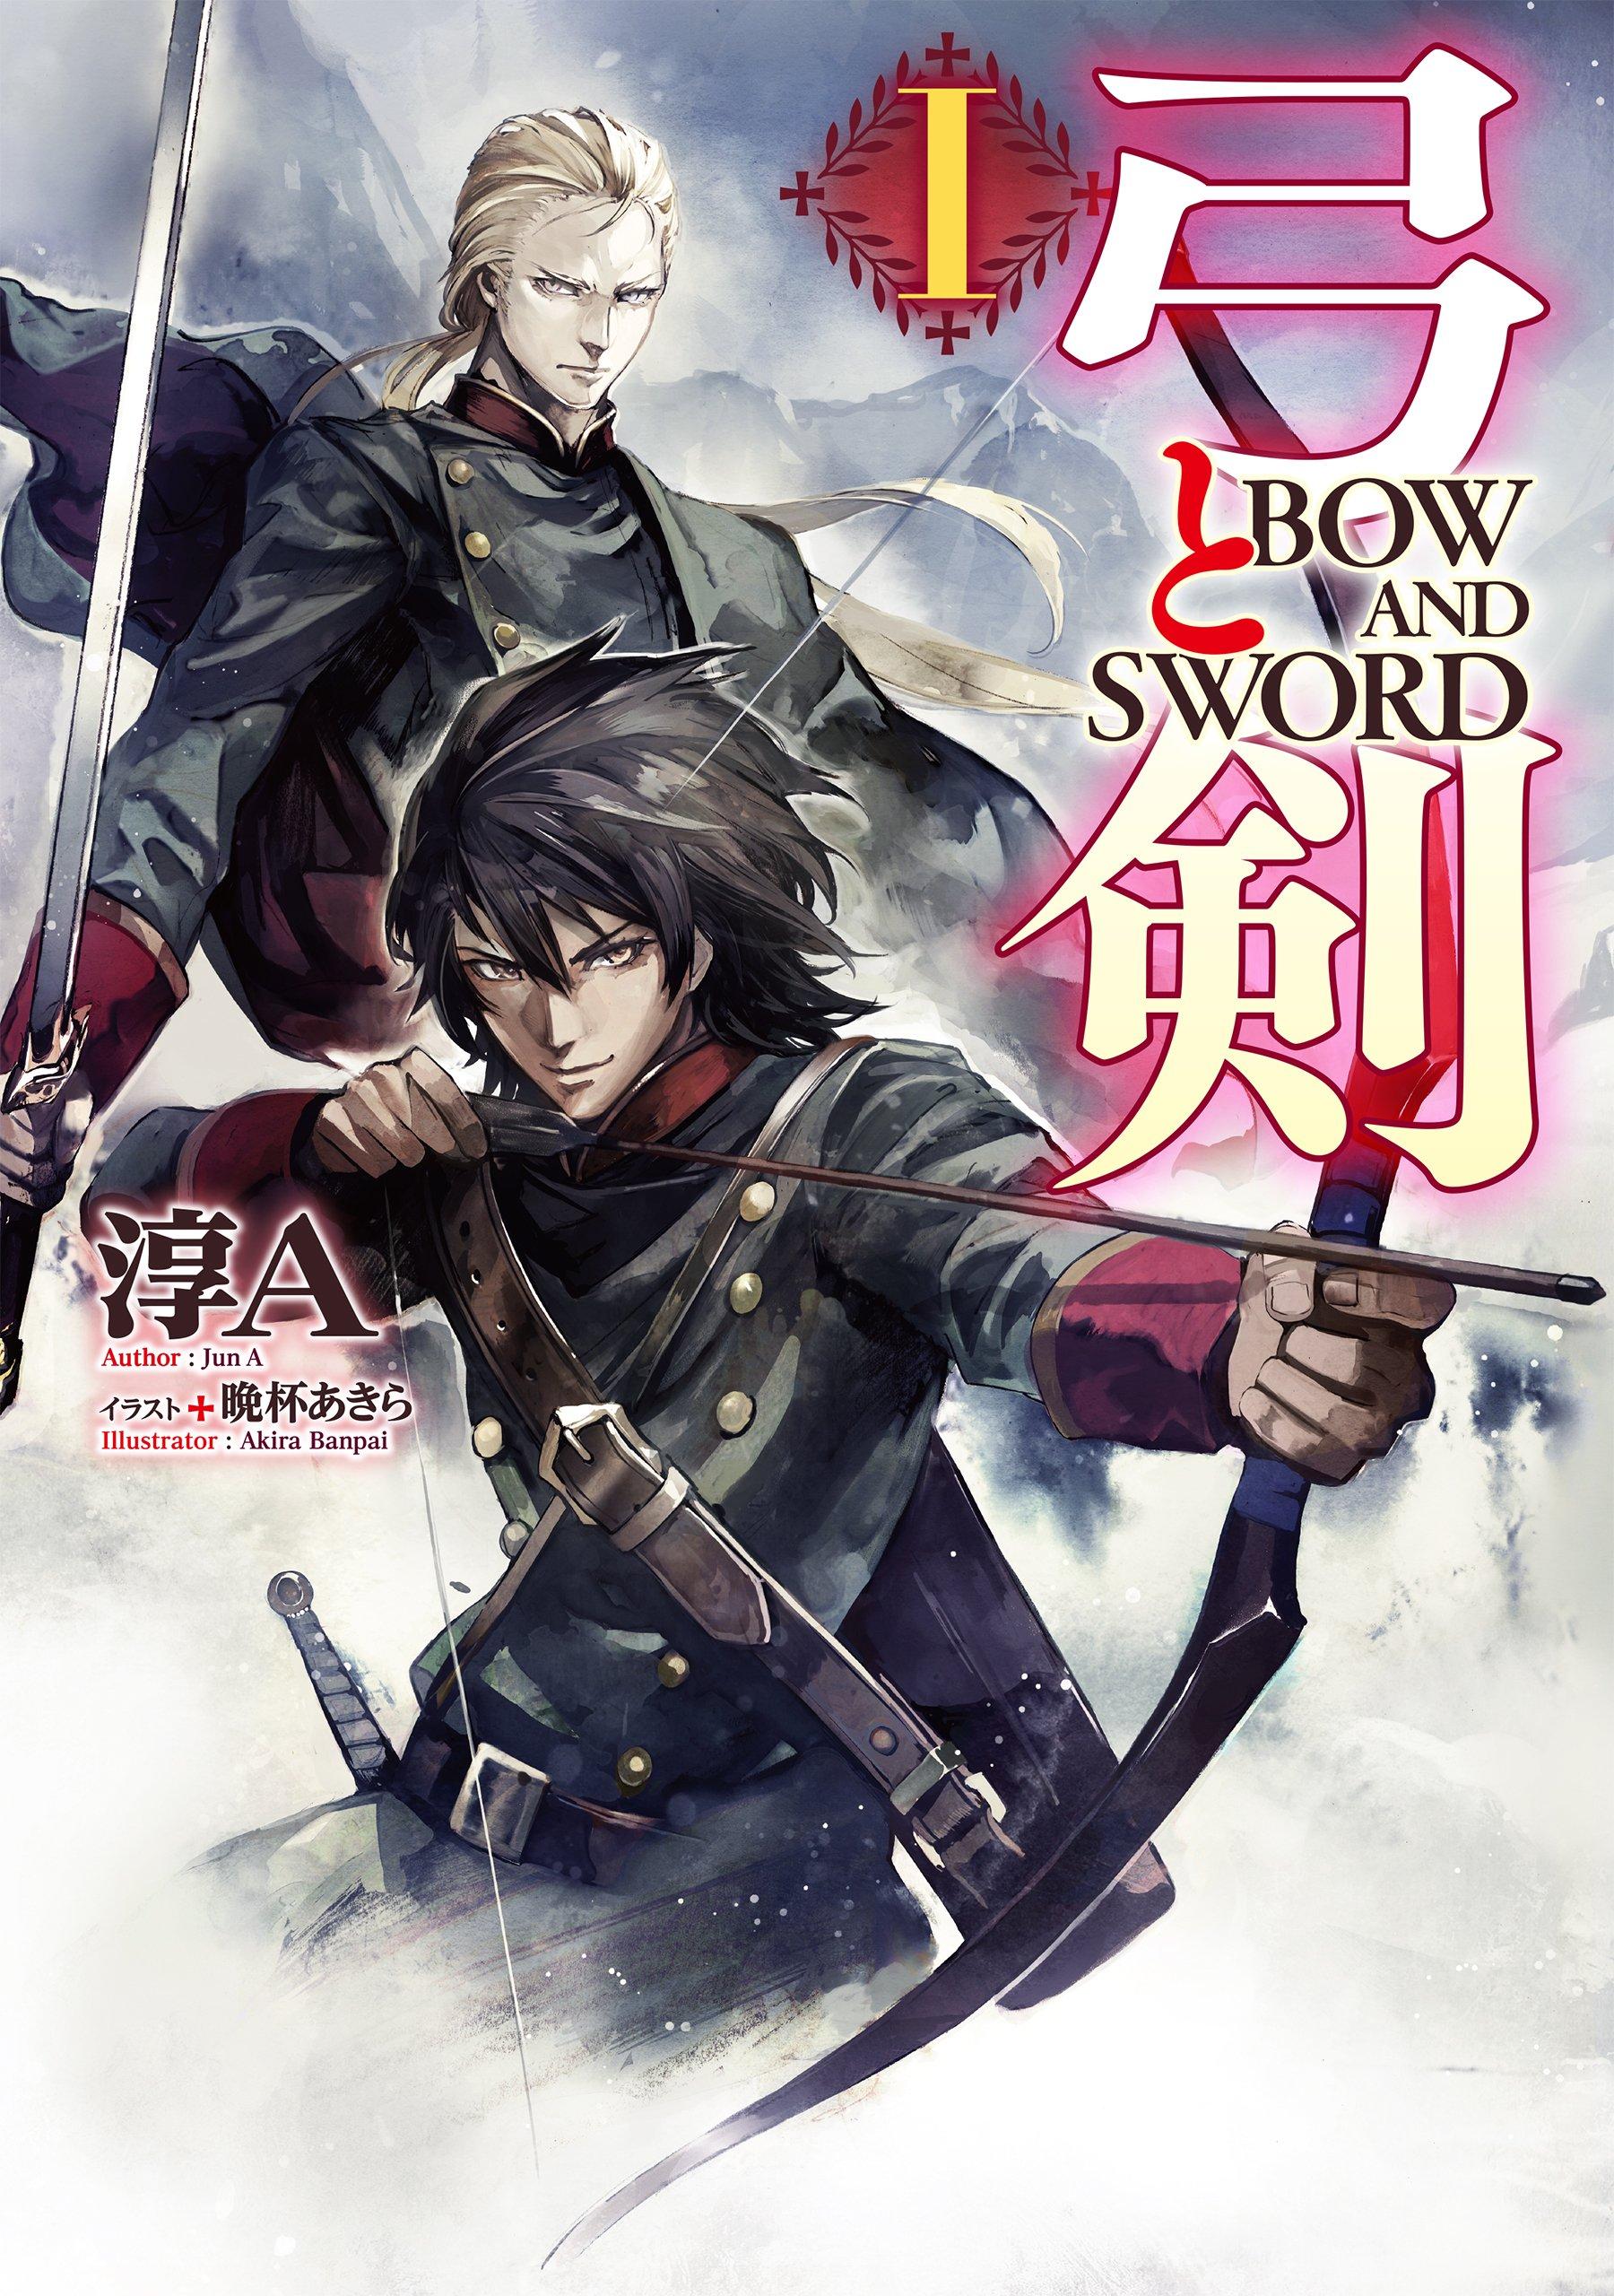 【ライトノベル】弓と剣 1巻